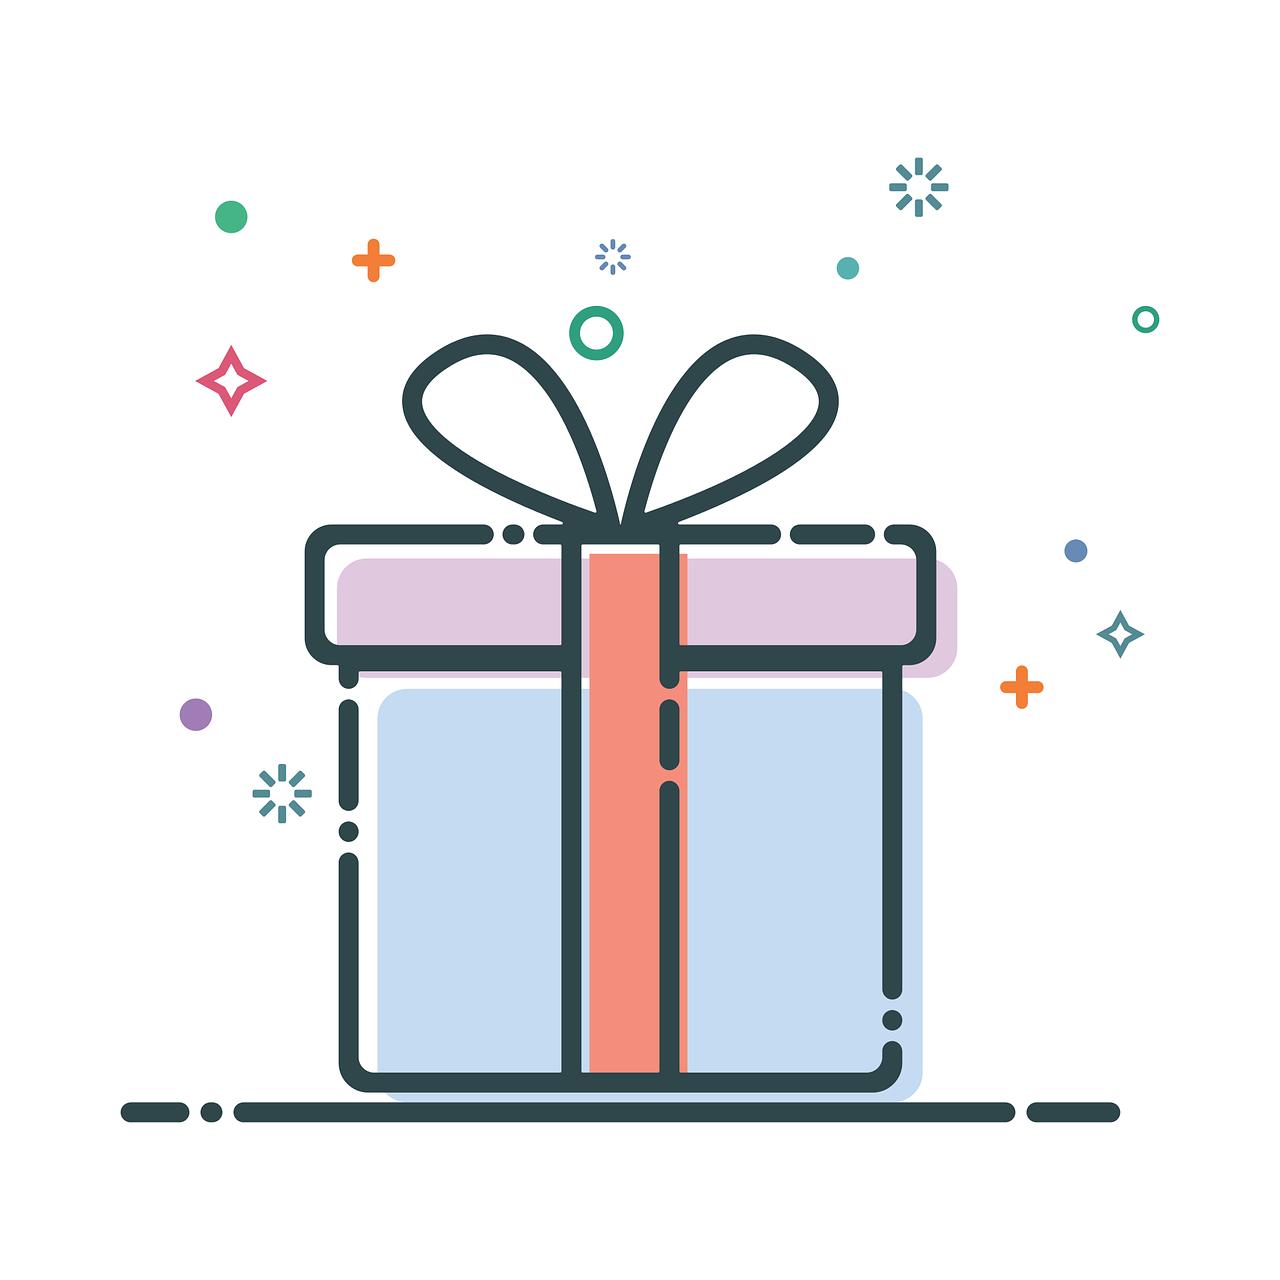 引っ越し祝いを予算5000円くらいで買うときにおすすめのギフト3選!